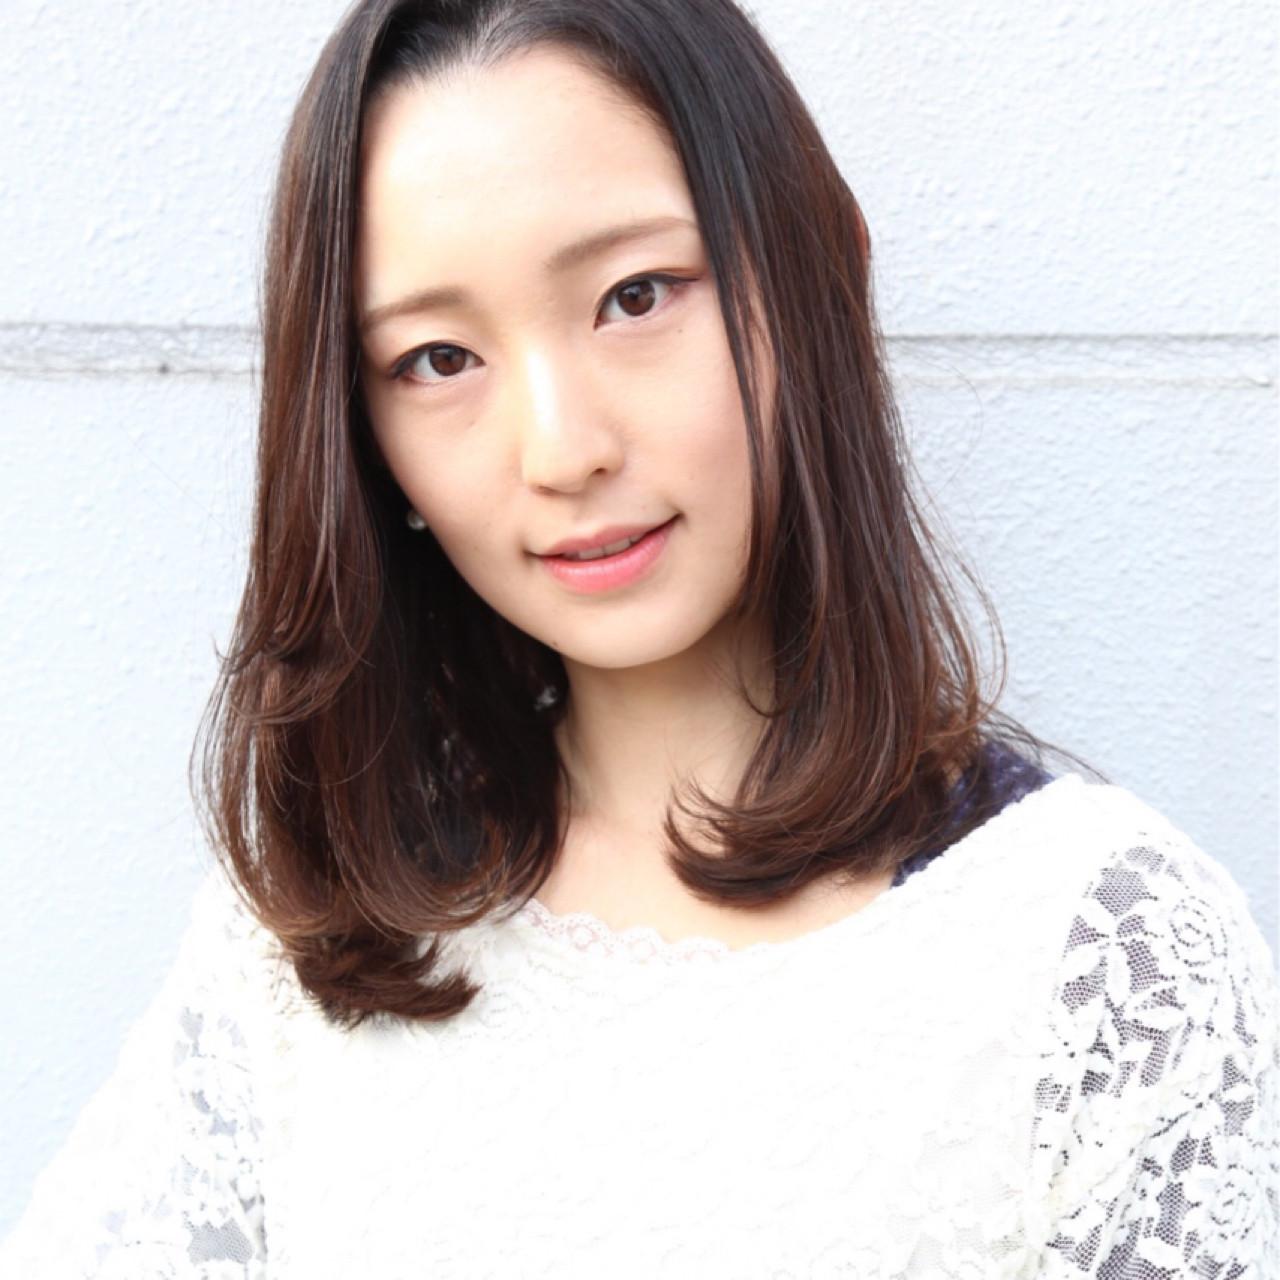 ナチュラル ワンカール ストレート セミロング mod\u0027s hair 仙台